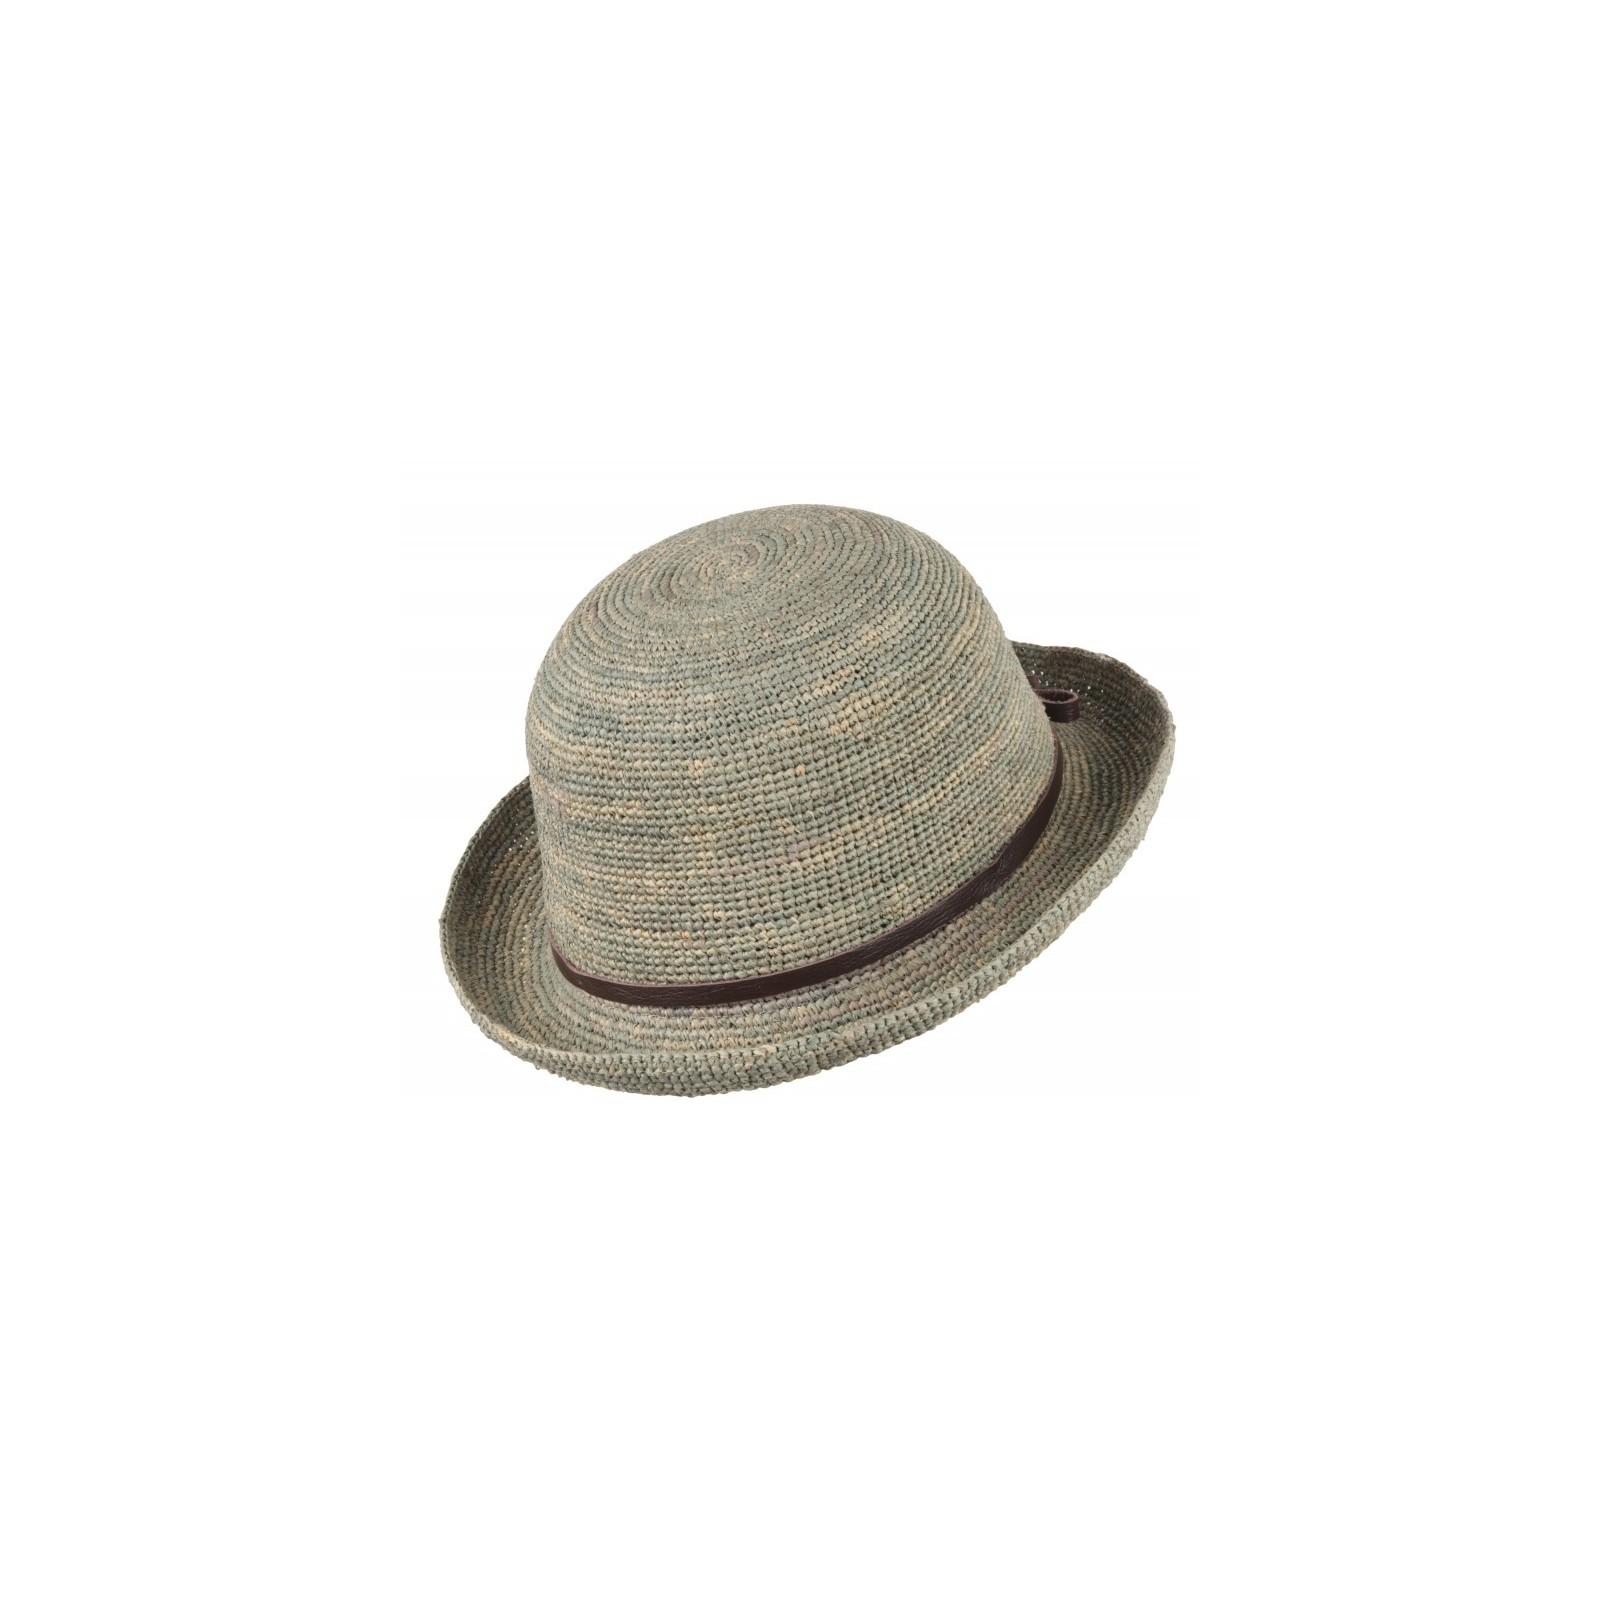 Scippis Flores women's hat